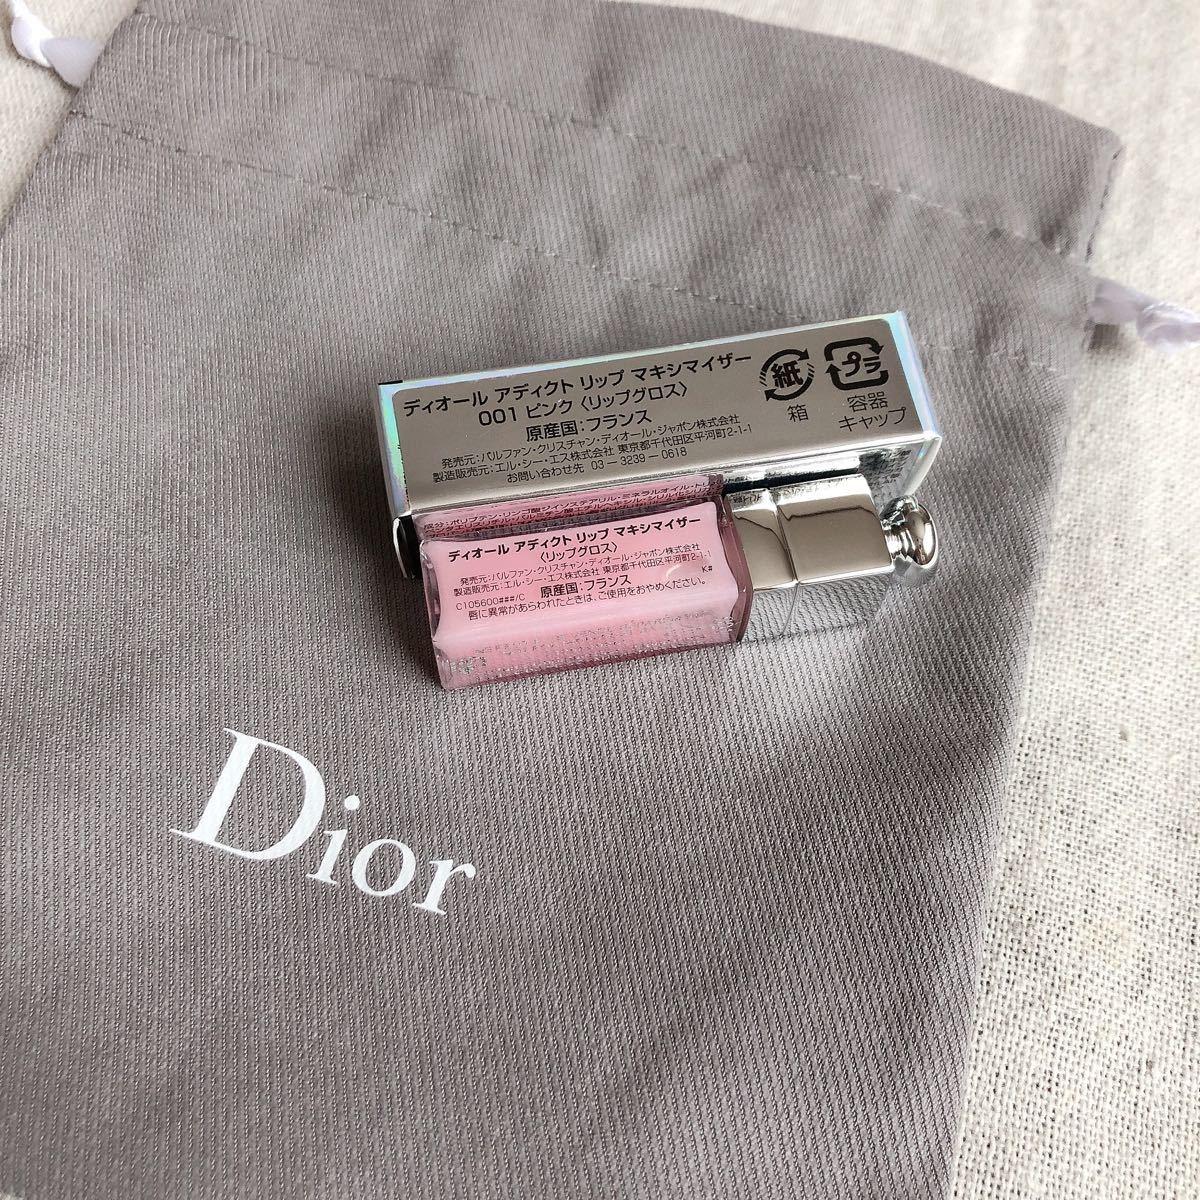 Dior ディオール アディクトリップ マキシマイザー  ミニ、巾着